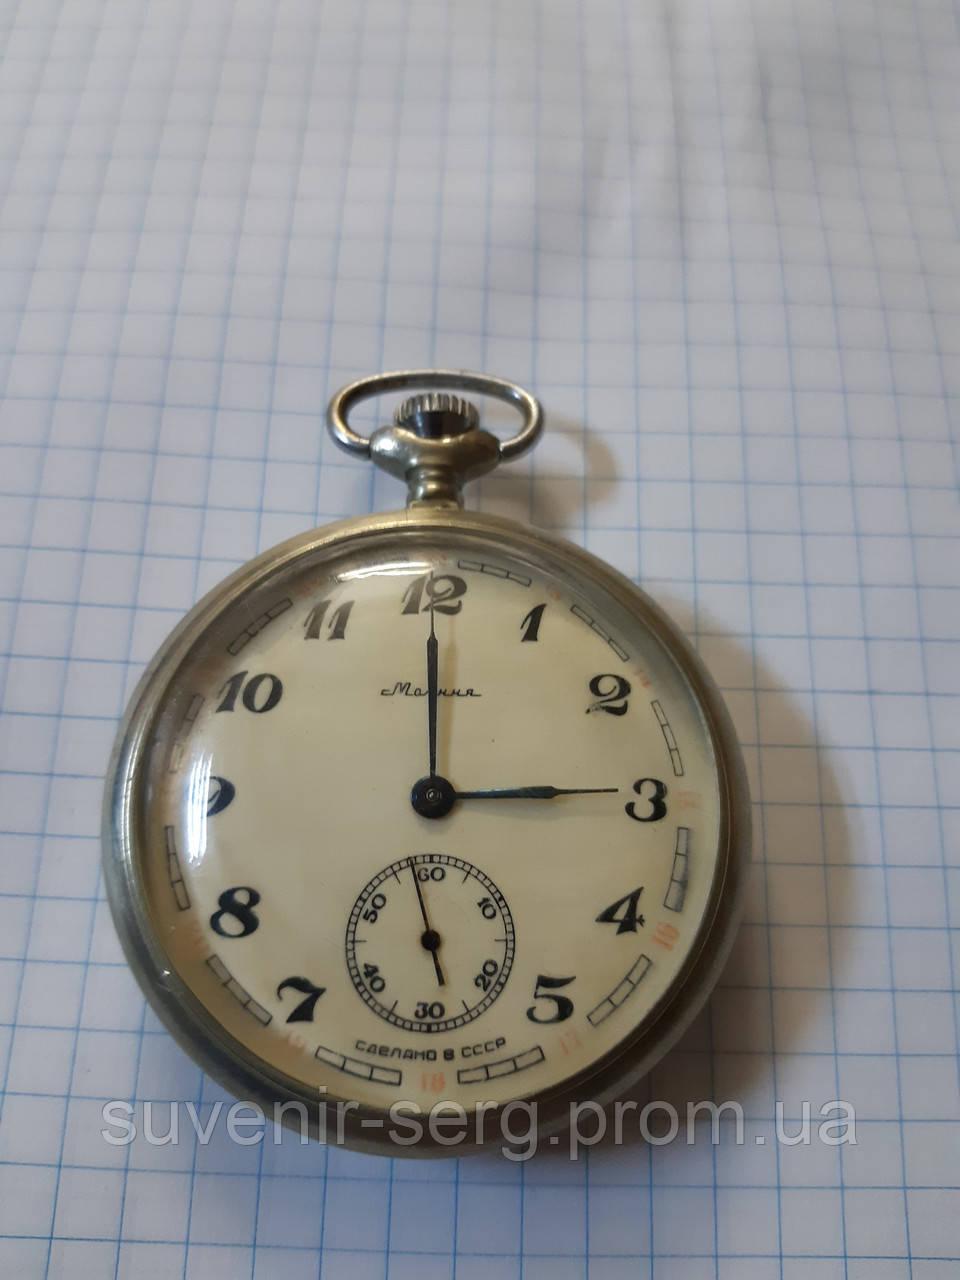 Молния стоимость карманные часы в ломбард уфа часов г